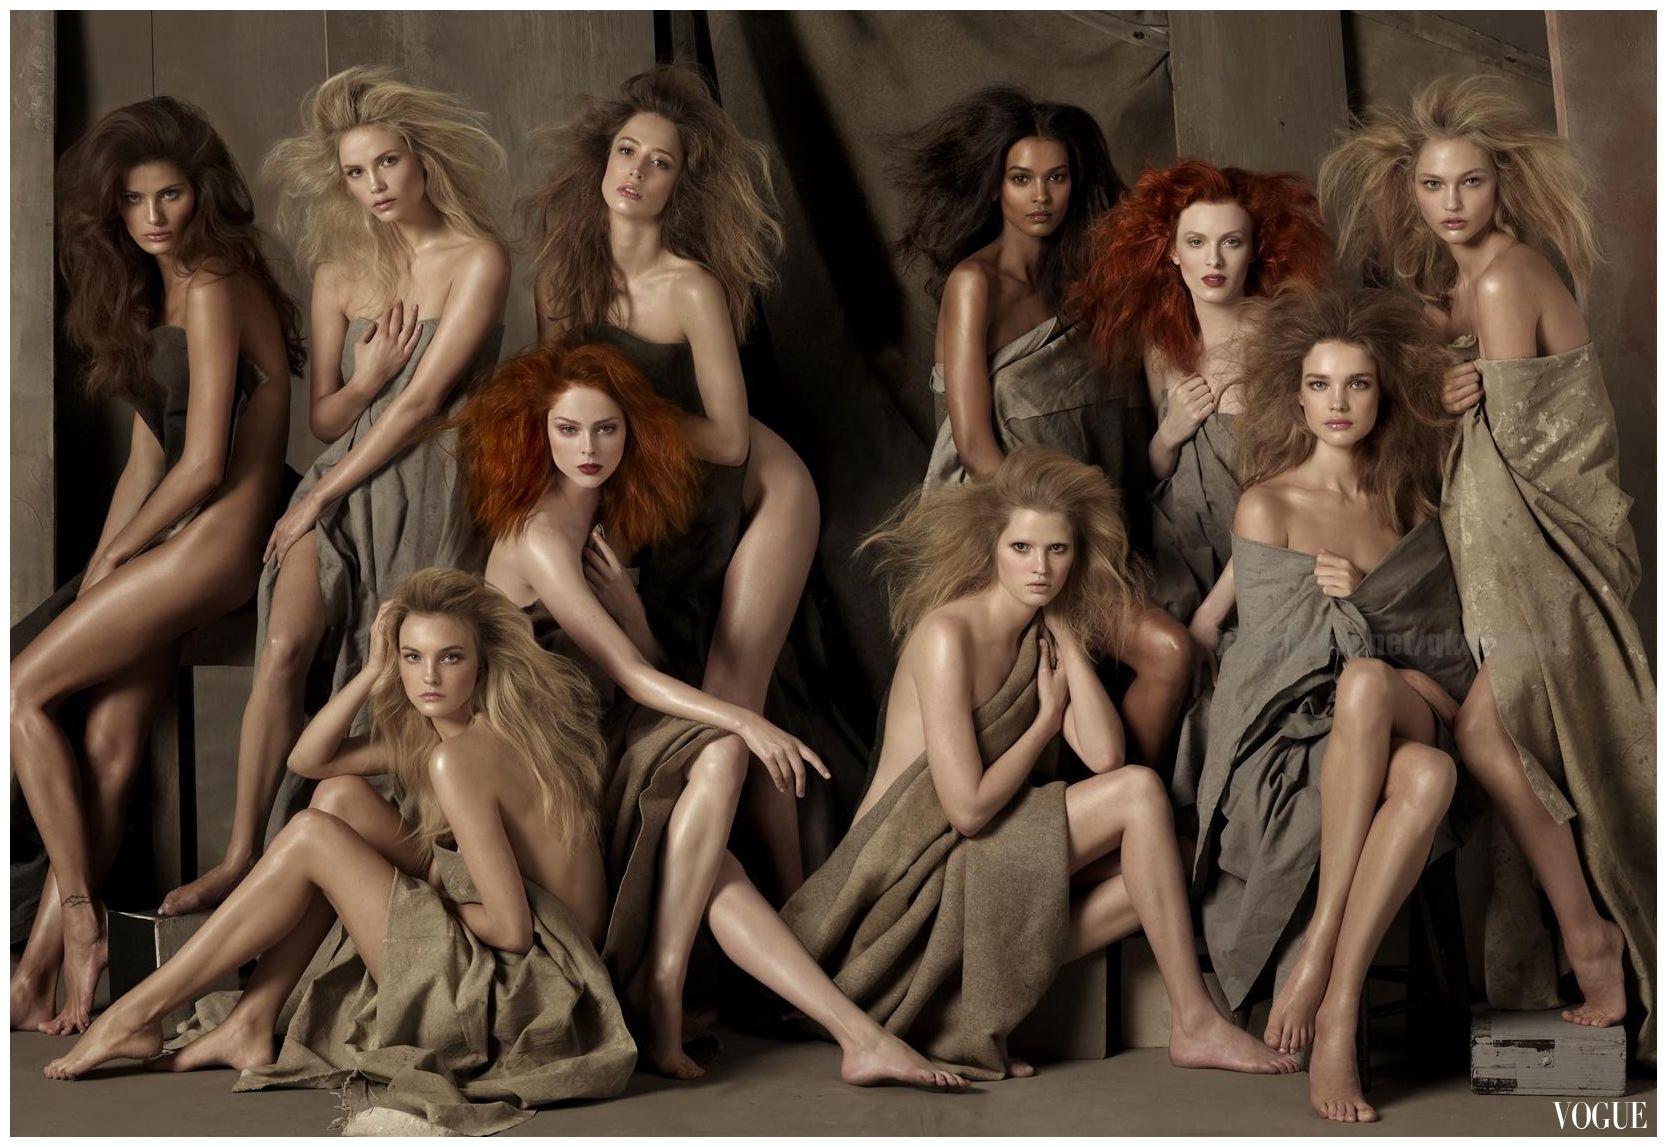 Секс больших женщин групповое, Большие сиськи групповой секс зрелые женщины 17 фотография